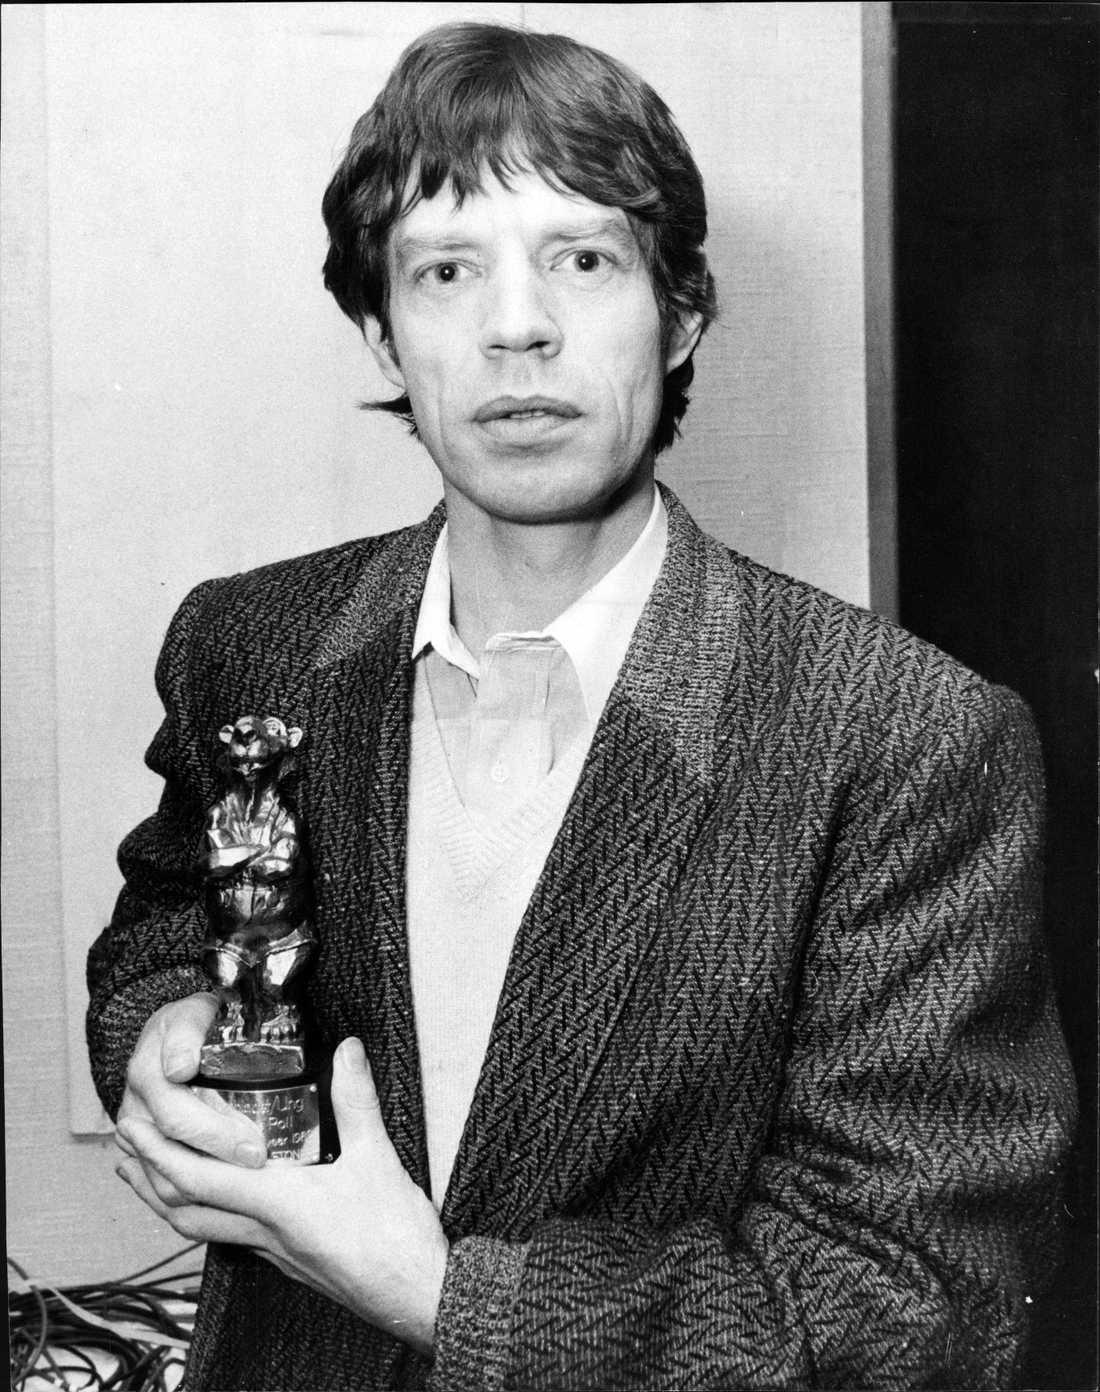 1982 blev The Rolling Stones årets utländska grupp. Bandets sångare Mick Jagger fick äran att ta emot och hålla i Rockbjörnen. Jagger ser för en gångs skull förvånad ut. Och förvirrad.